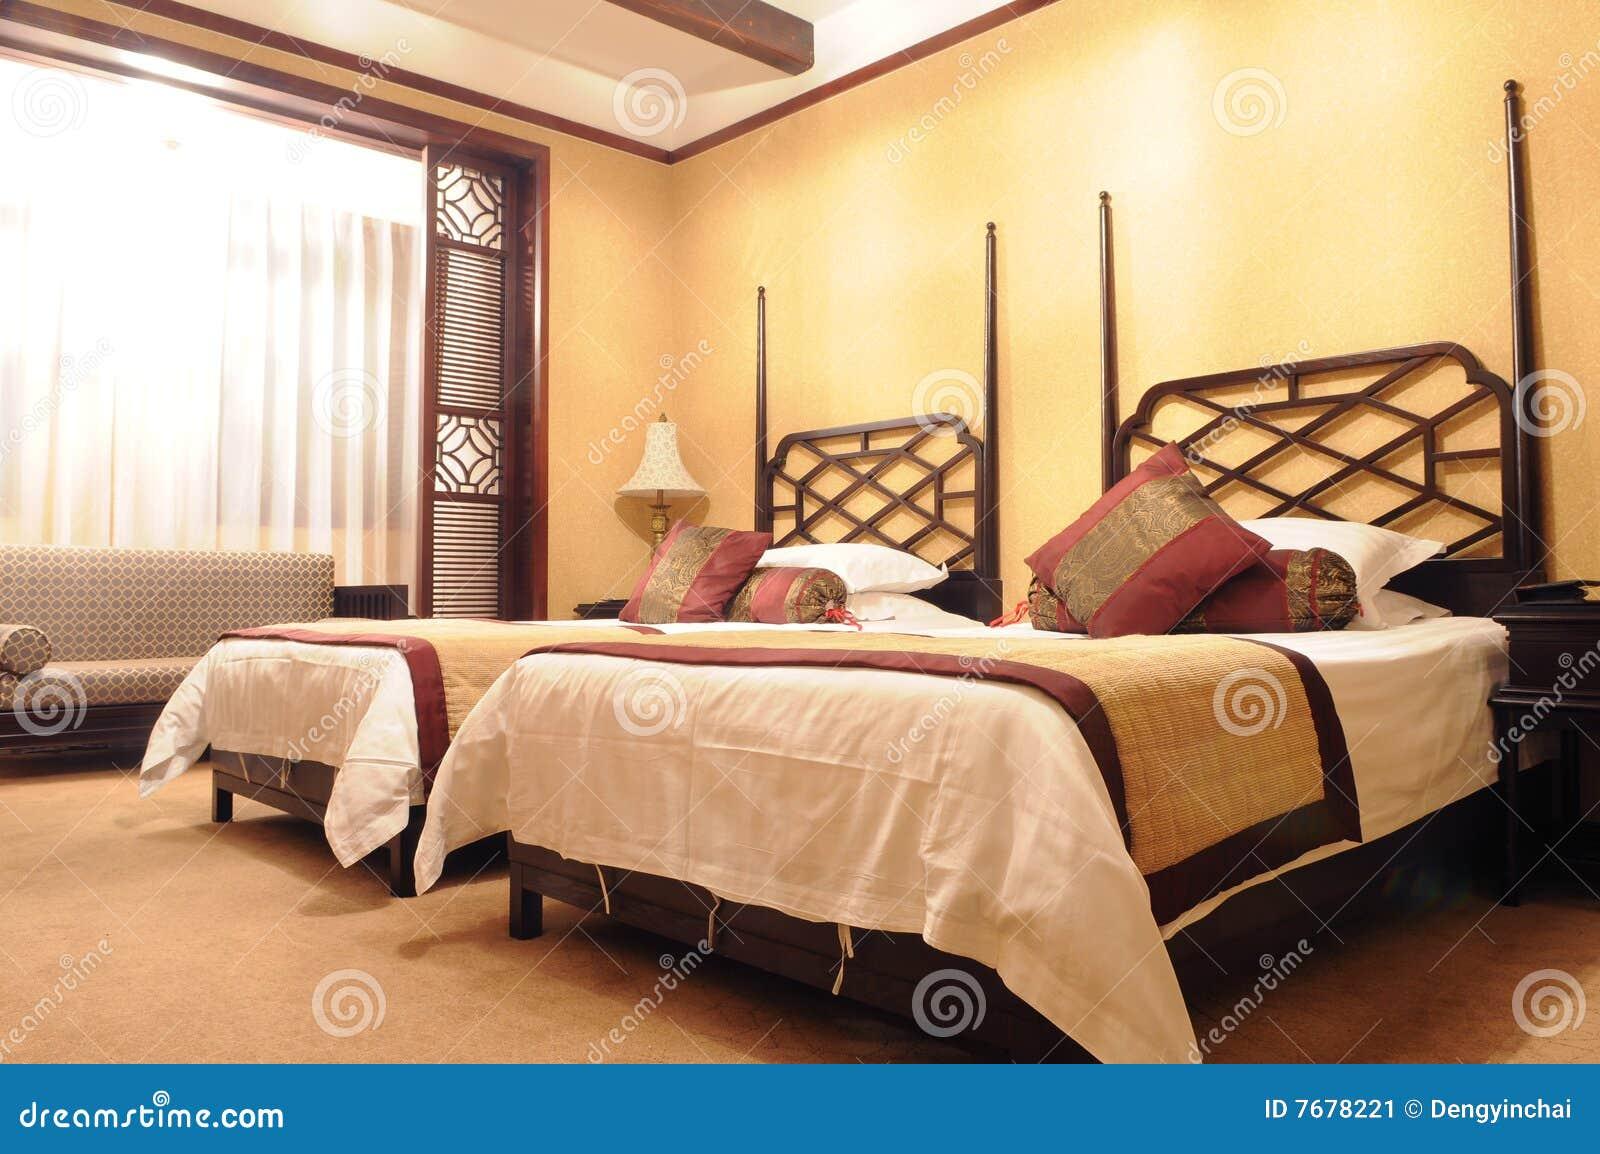 https://thumbs.dreamstime.com/z/doppia-camera-da-letto-dell-albergo-di-lusso-7678221.jpg